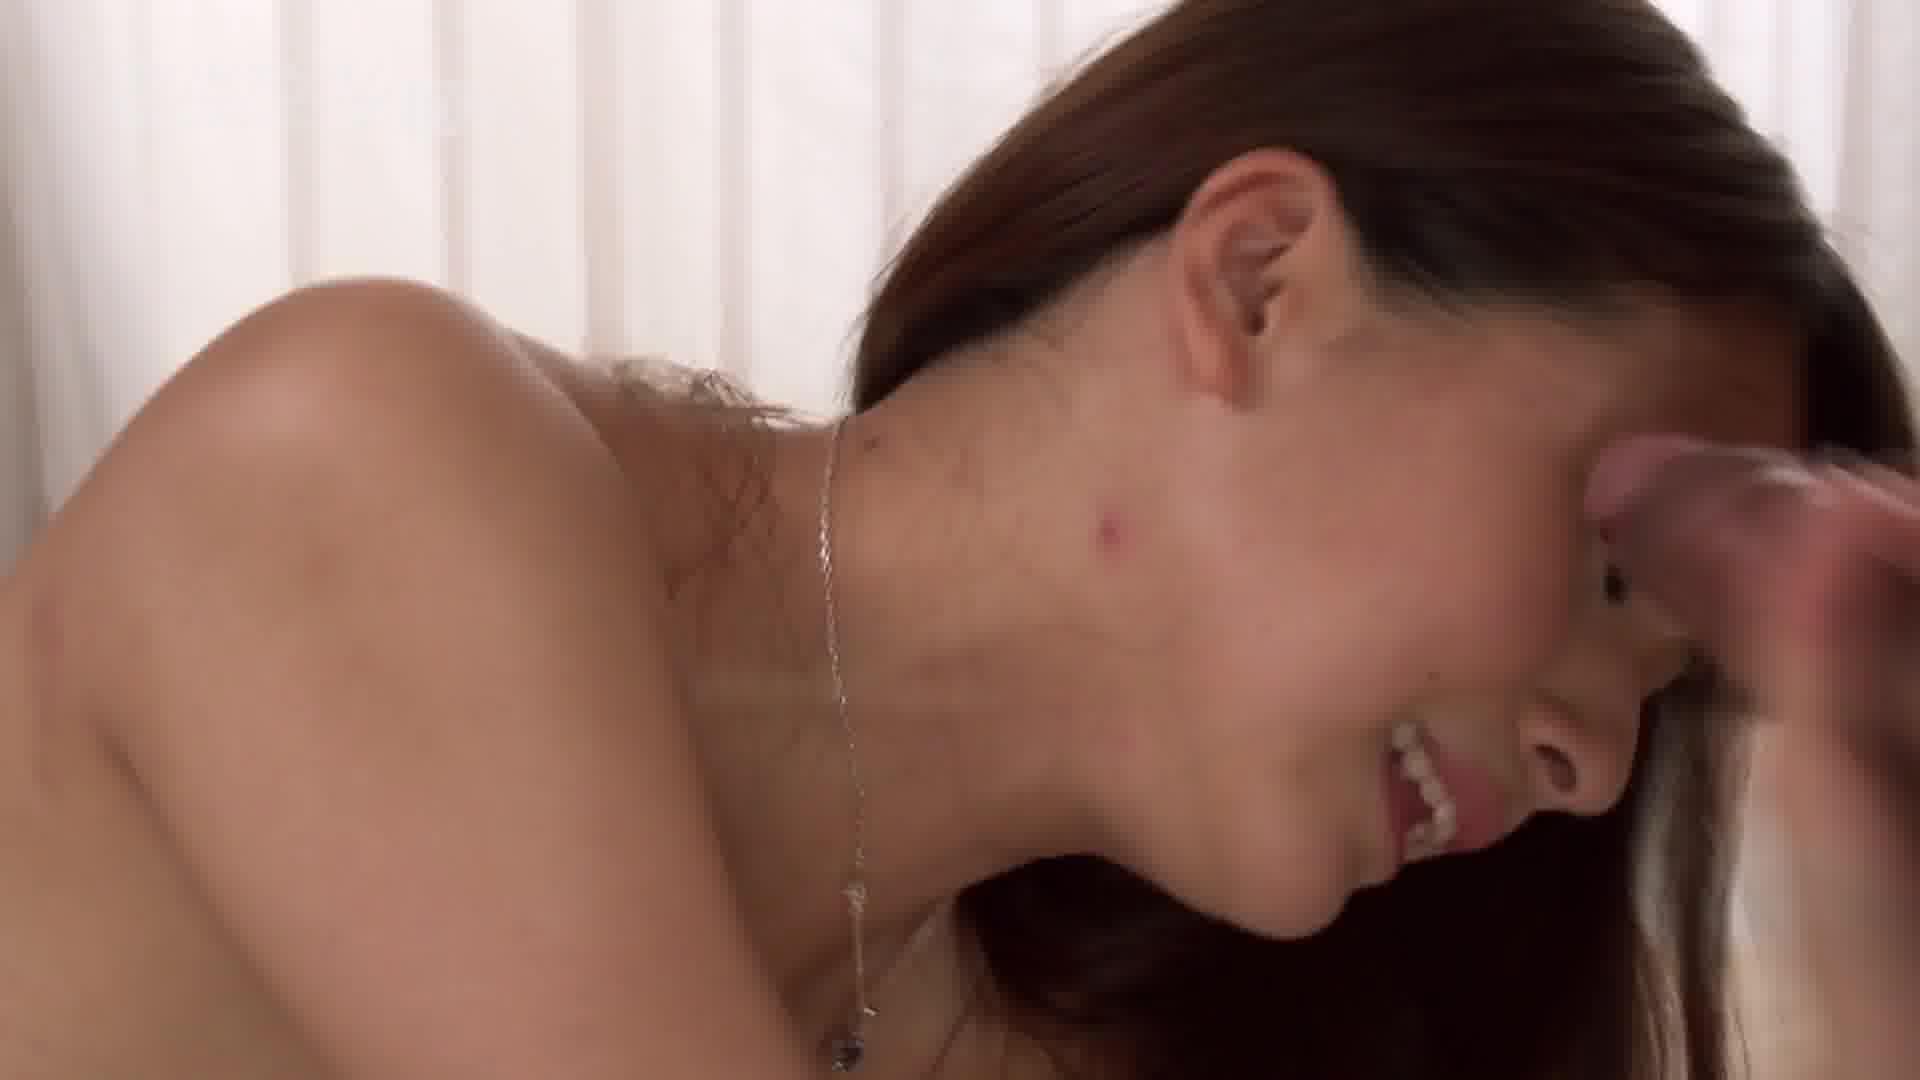 大場ゆい集大成 ~とんでもなく下品な接吻と尺八~ - 大場ゆい【痴女・乱交・巨乳】